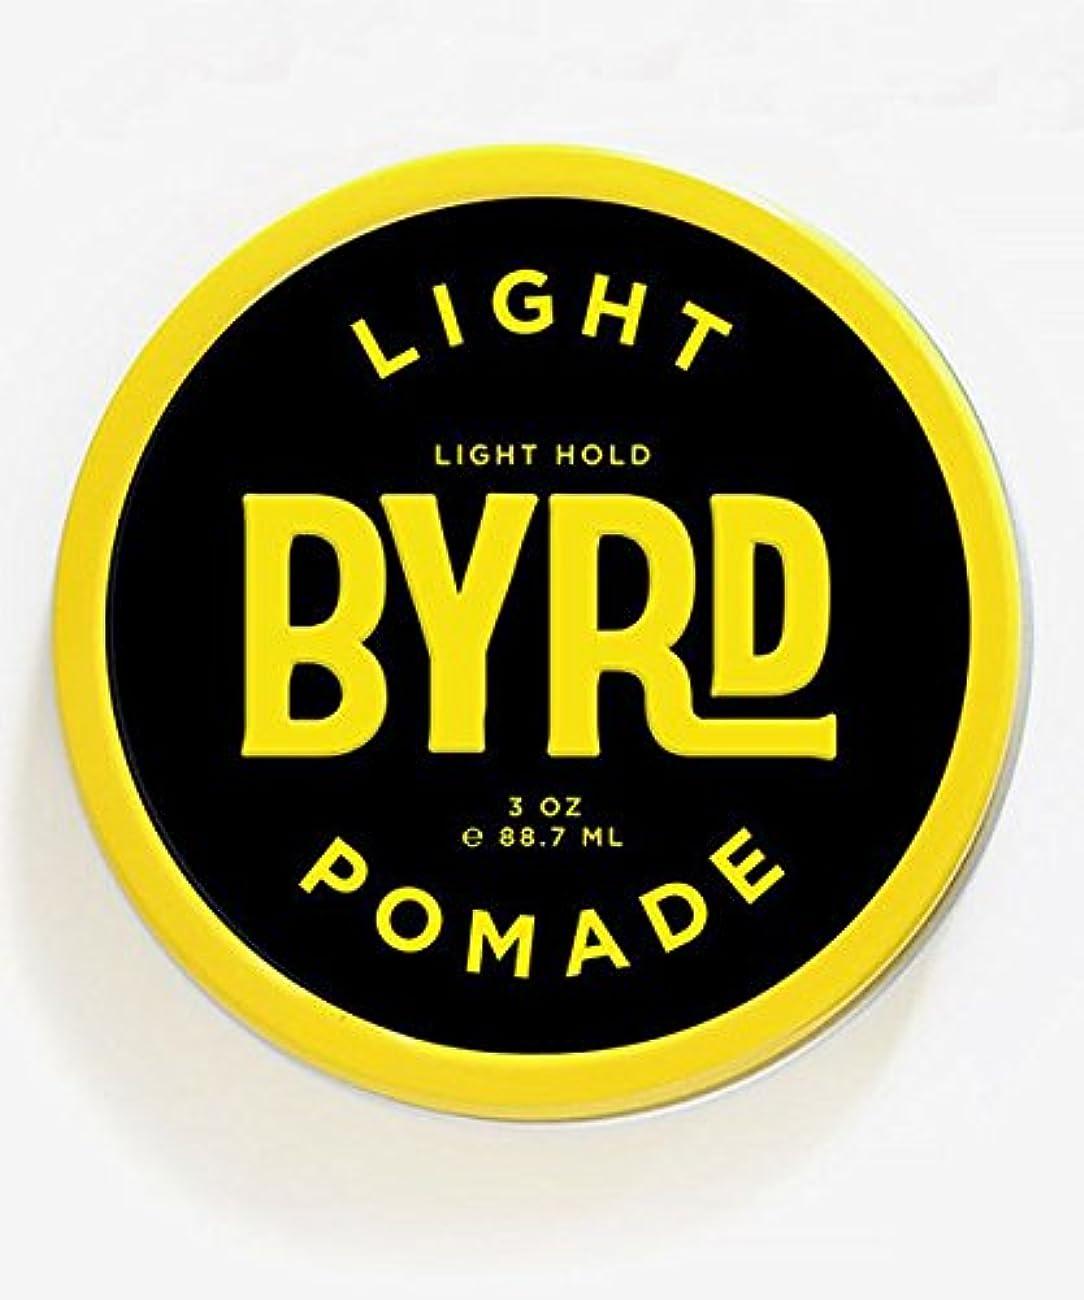 はげなぞらえる脊椎BYRD(バード) ライトポマード 95g